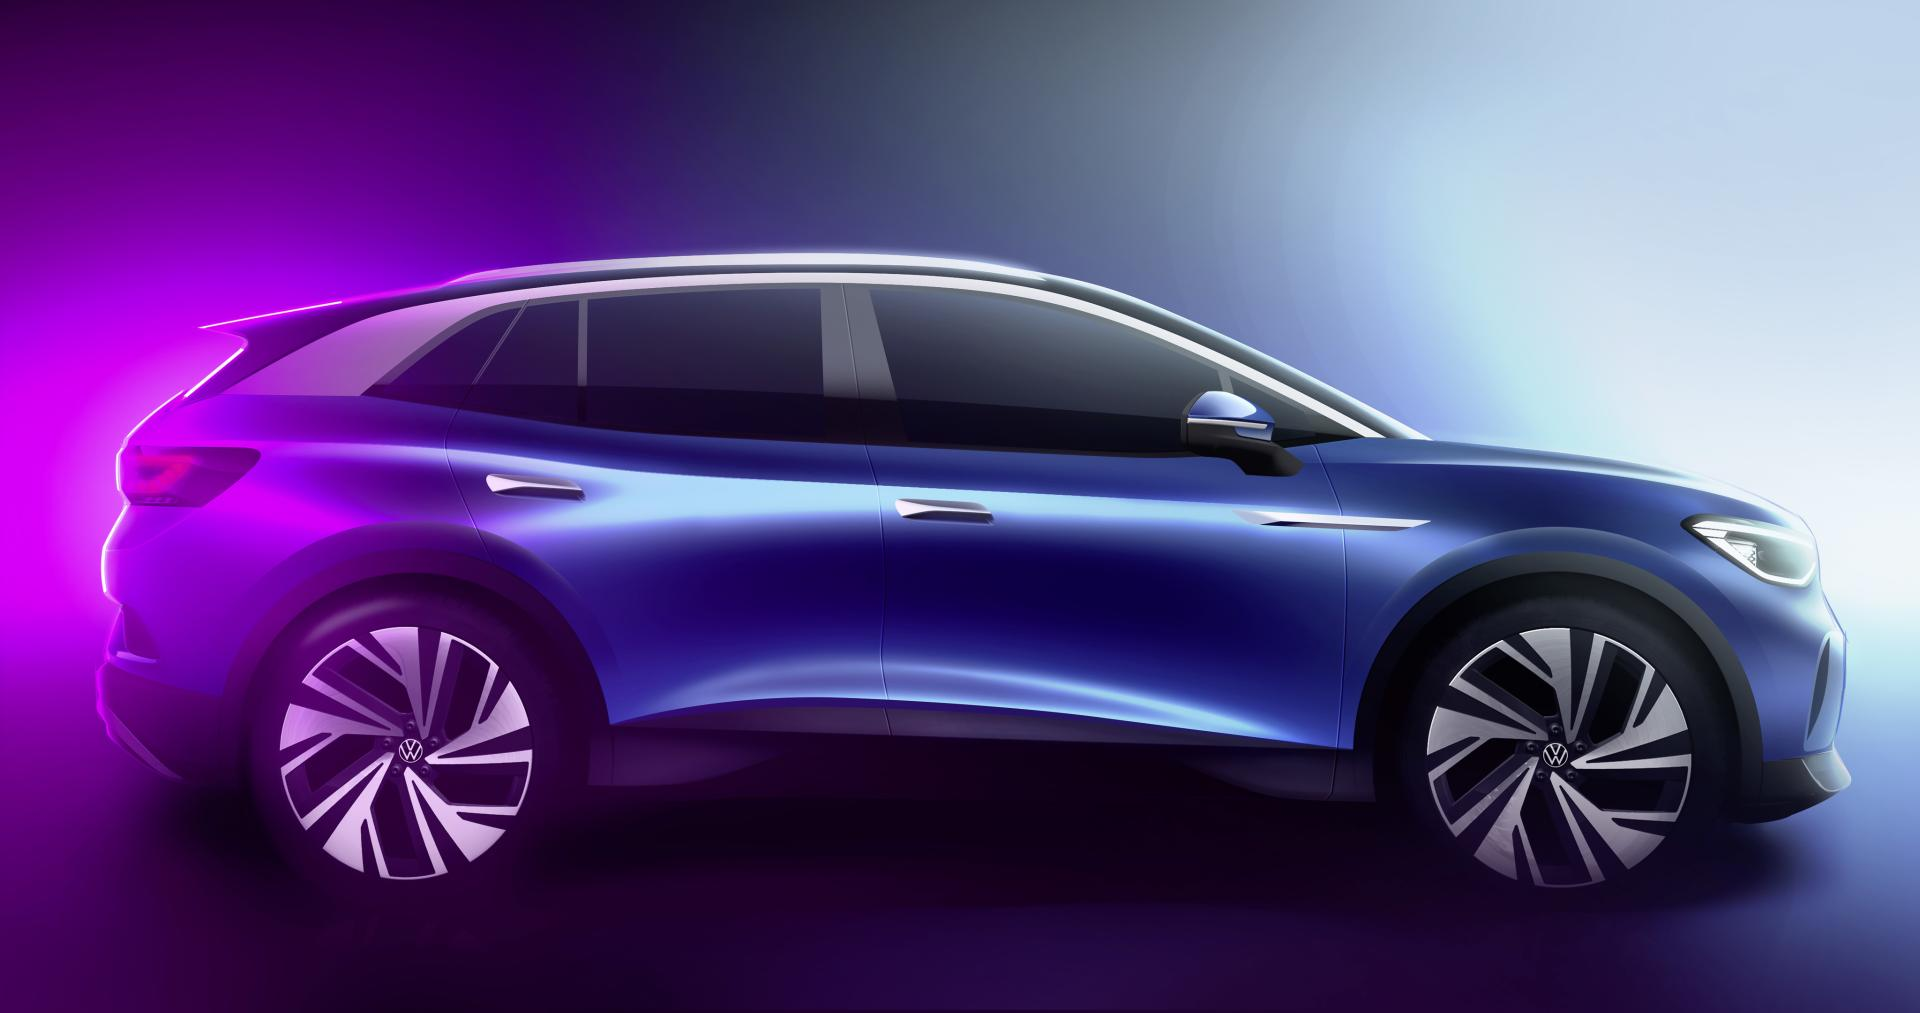 """VW ID.4 präsentiert sich """"Wie vom Wind geformt"""" - Exterieurdesign im Fokus"""